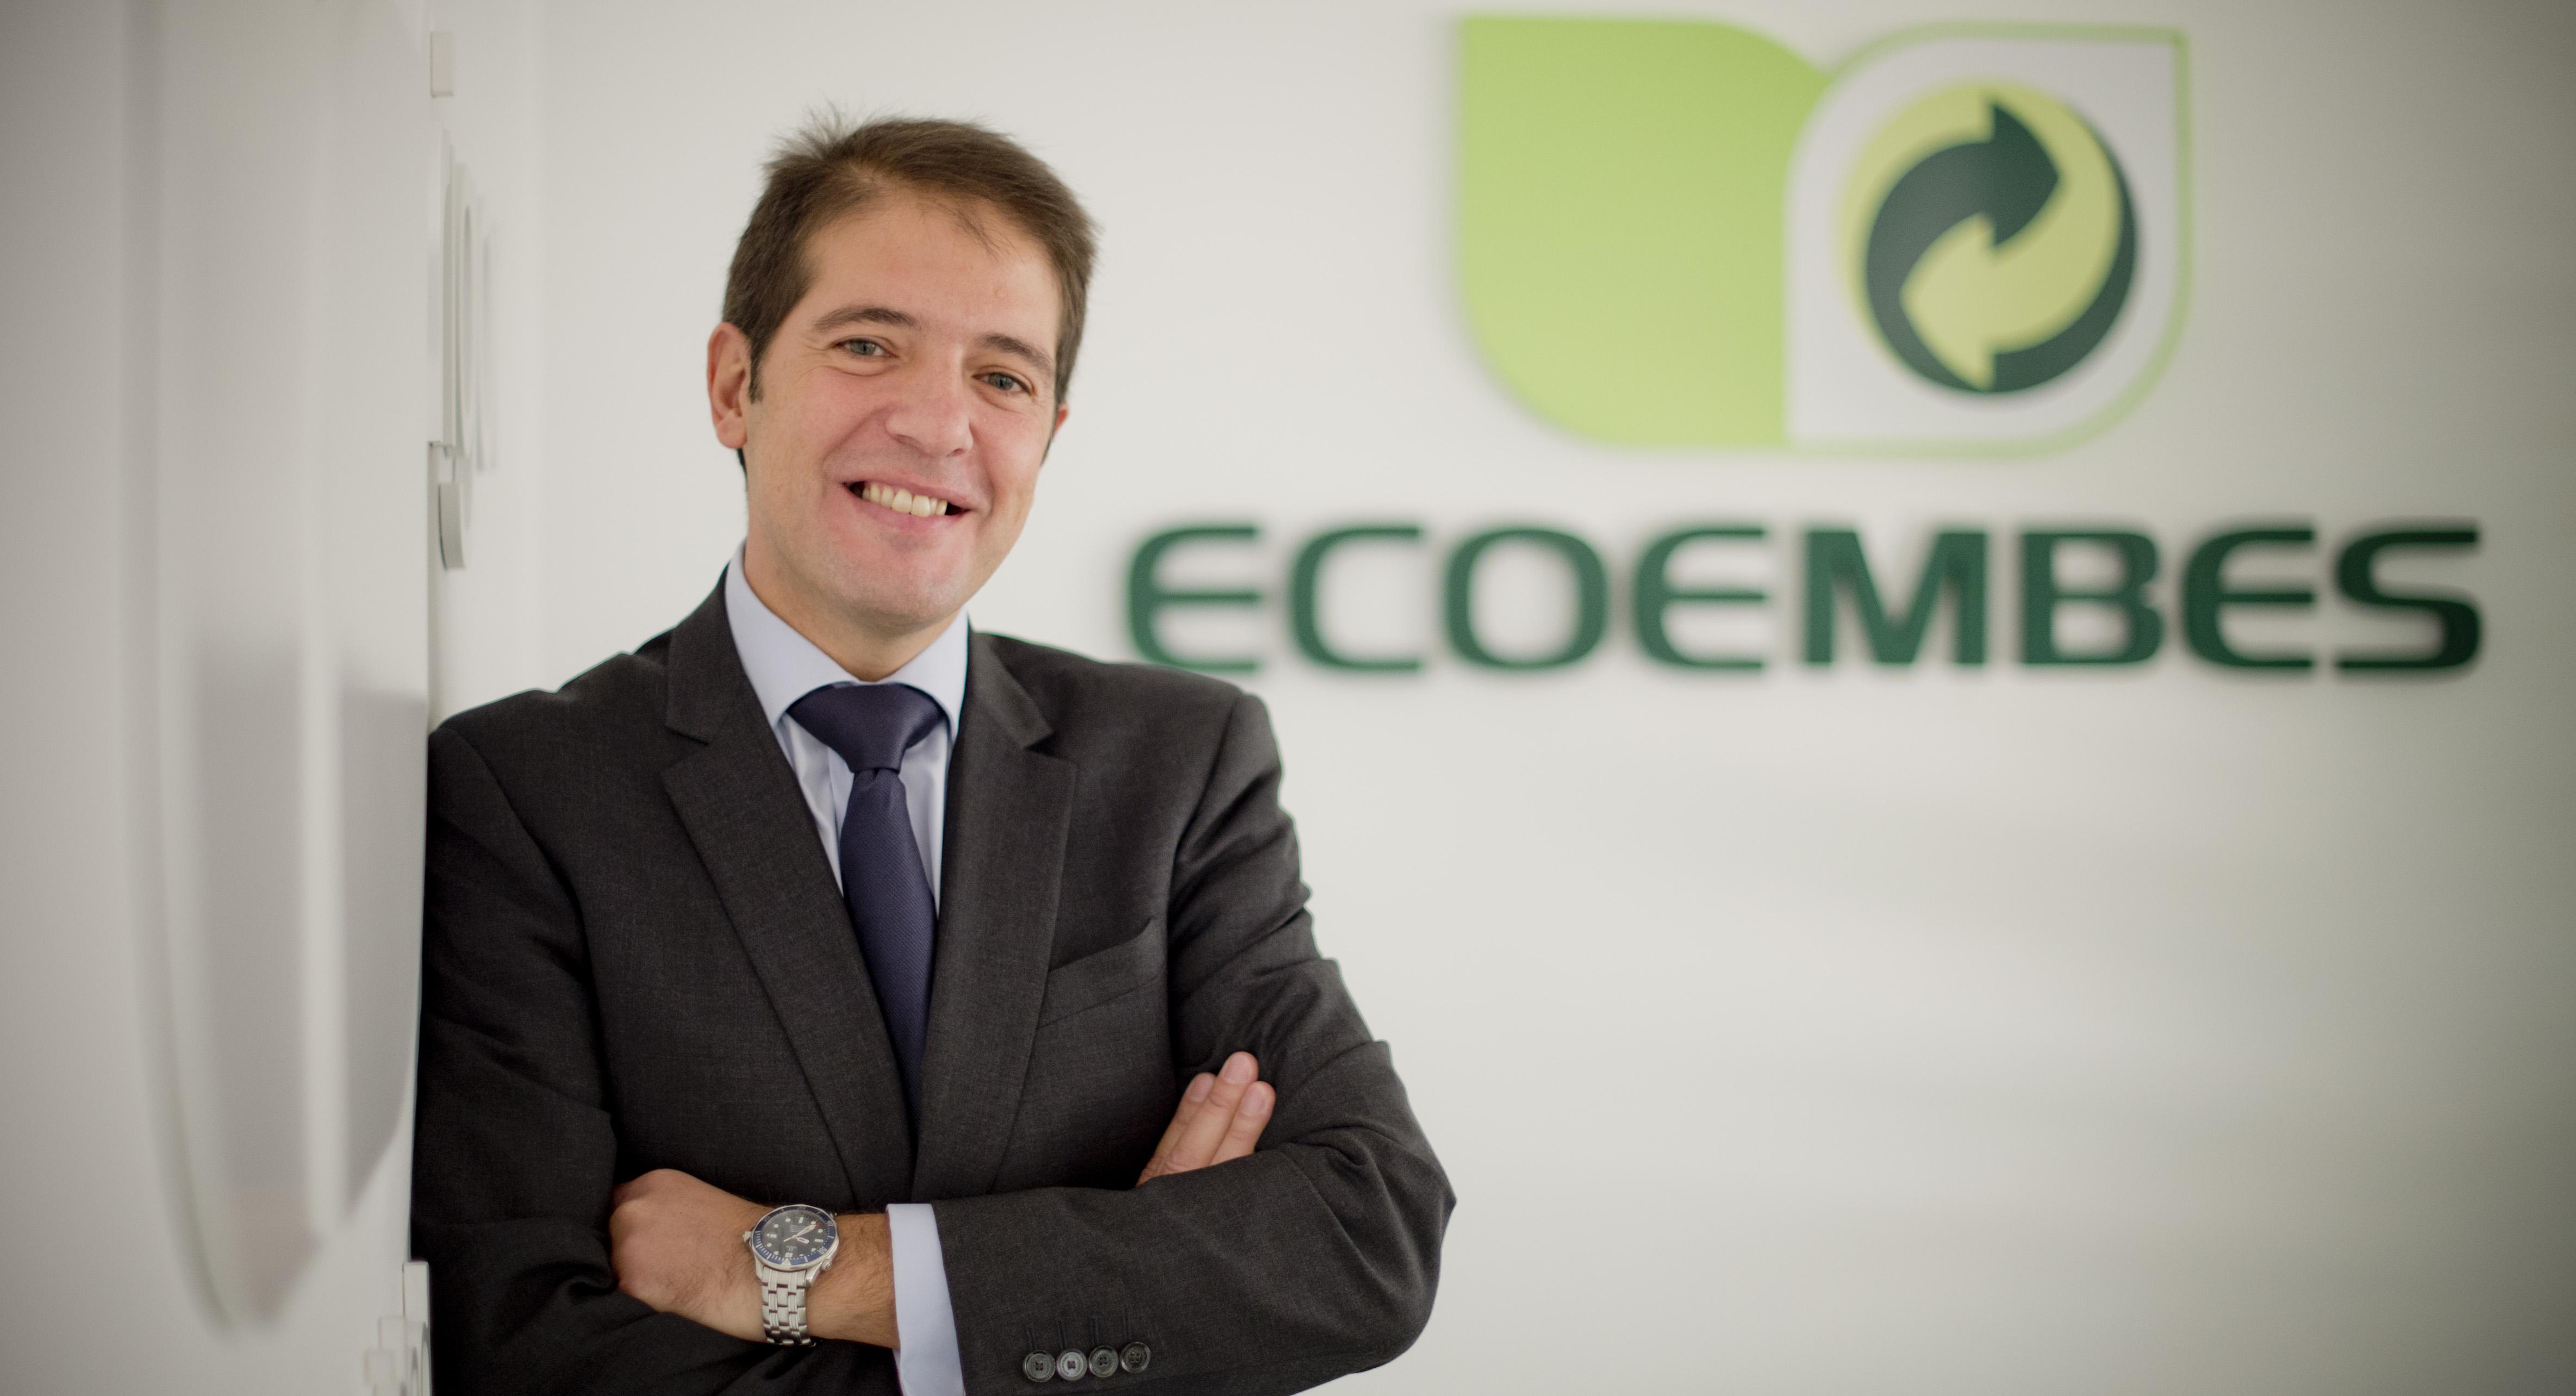 Entrevista a Óscar Martín, Consejero Delegado de Ecoembes